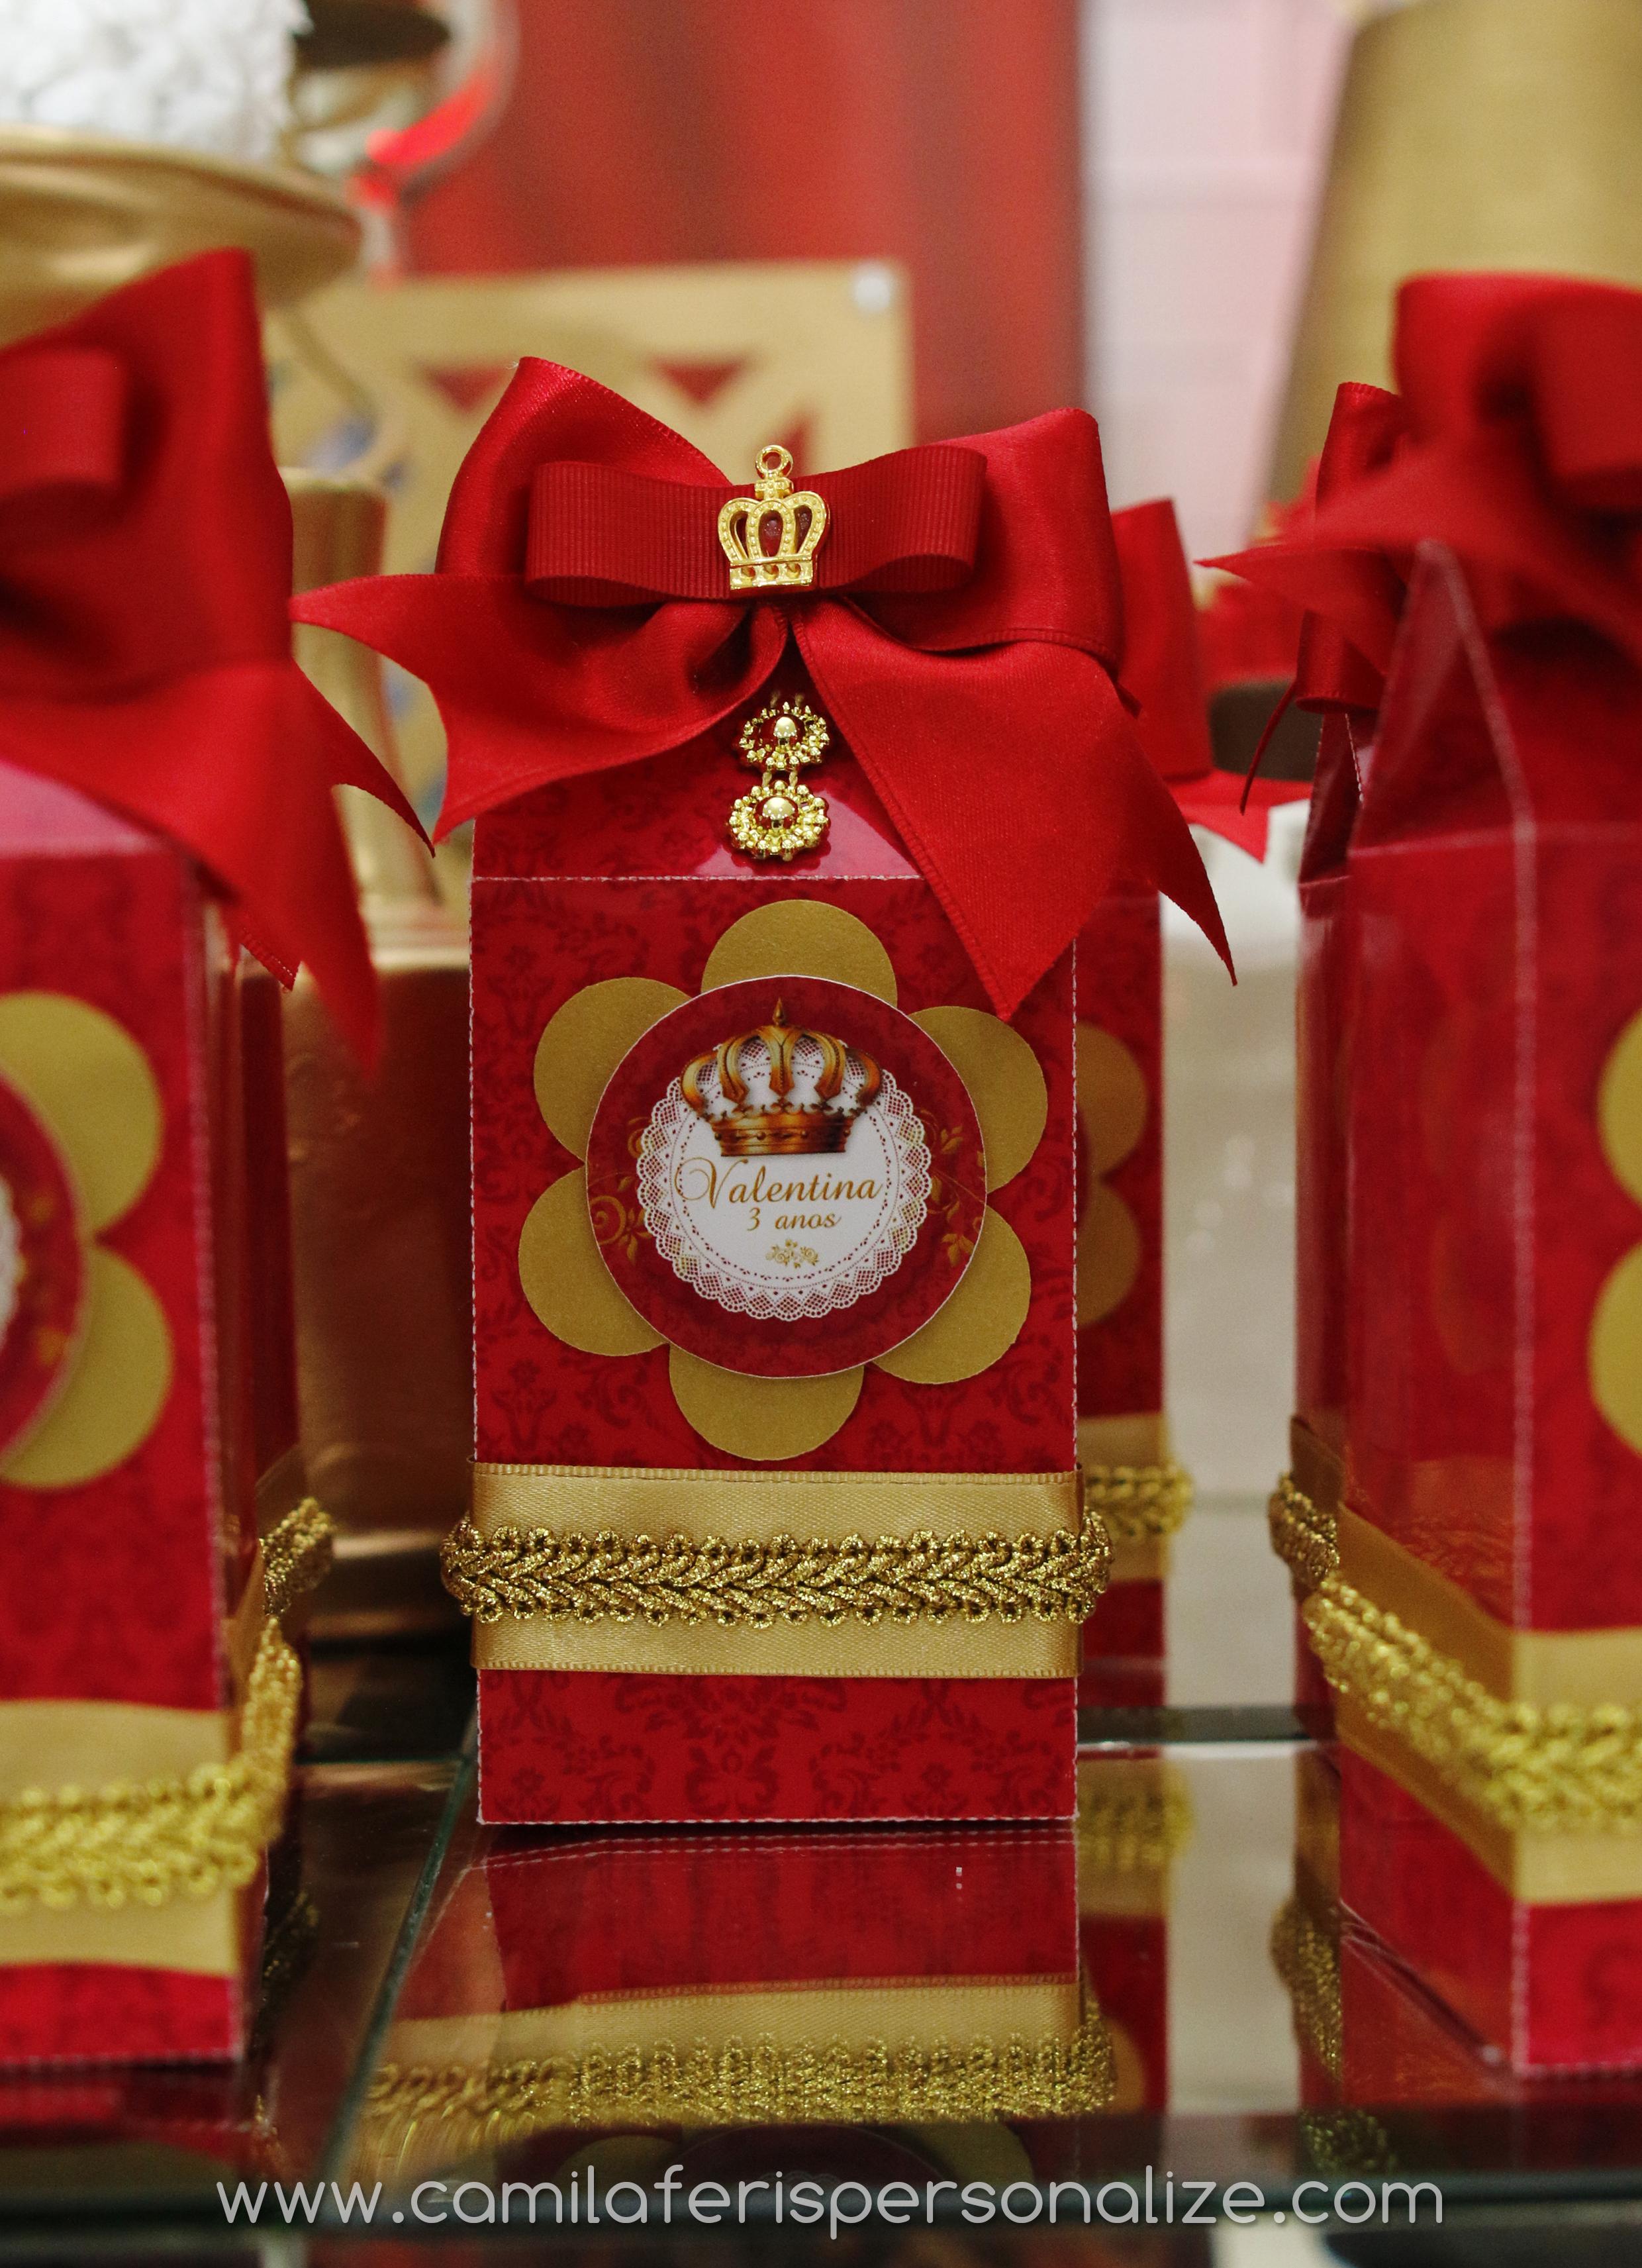 caixa luxo vermelha e dourado.jpg